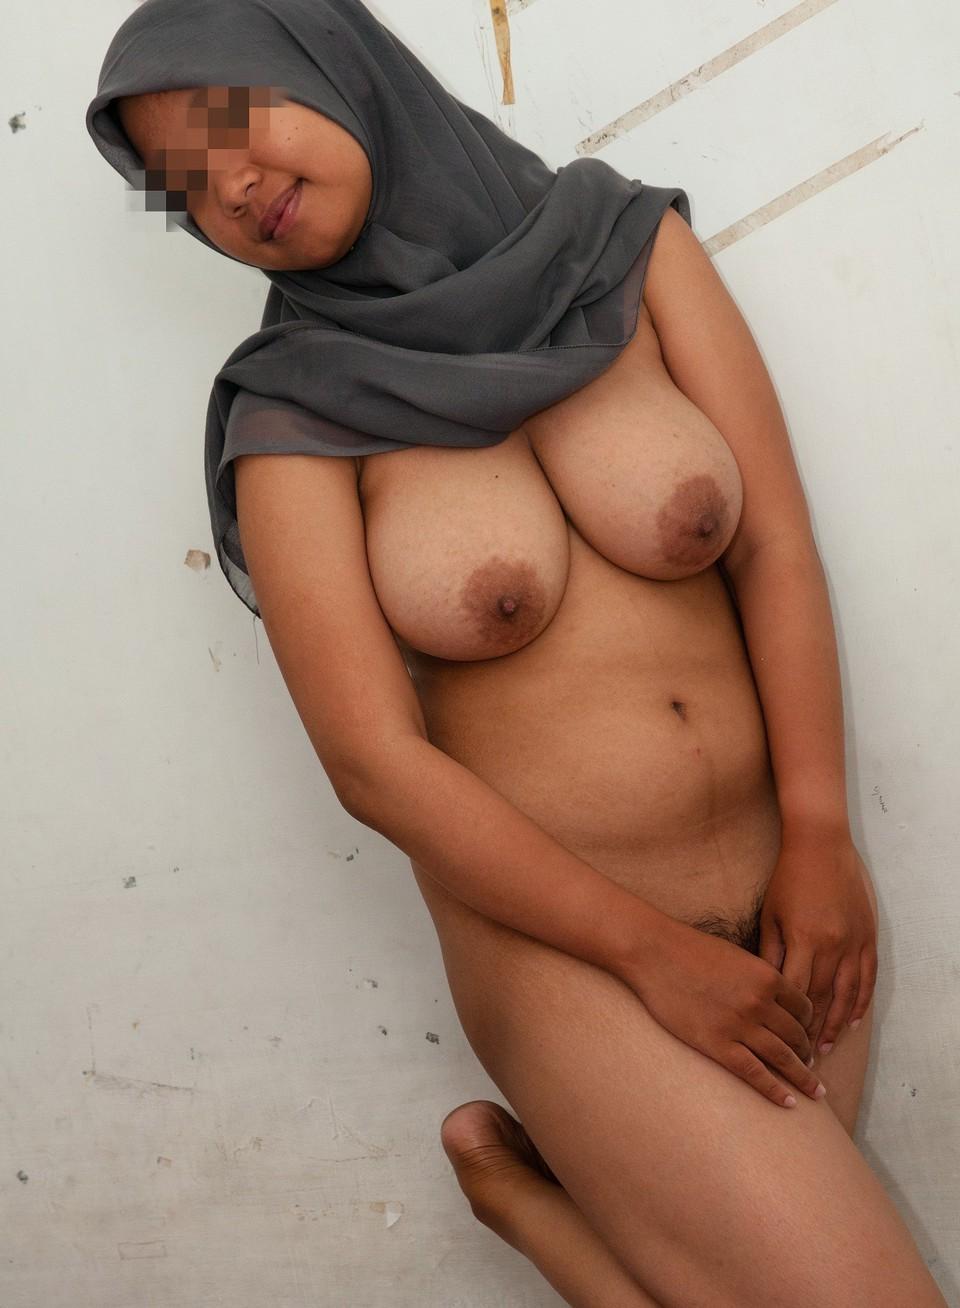 処女の娘が多いイスラム女子、脱いだらすごかった・・・・・(画像あり)・6枚目